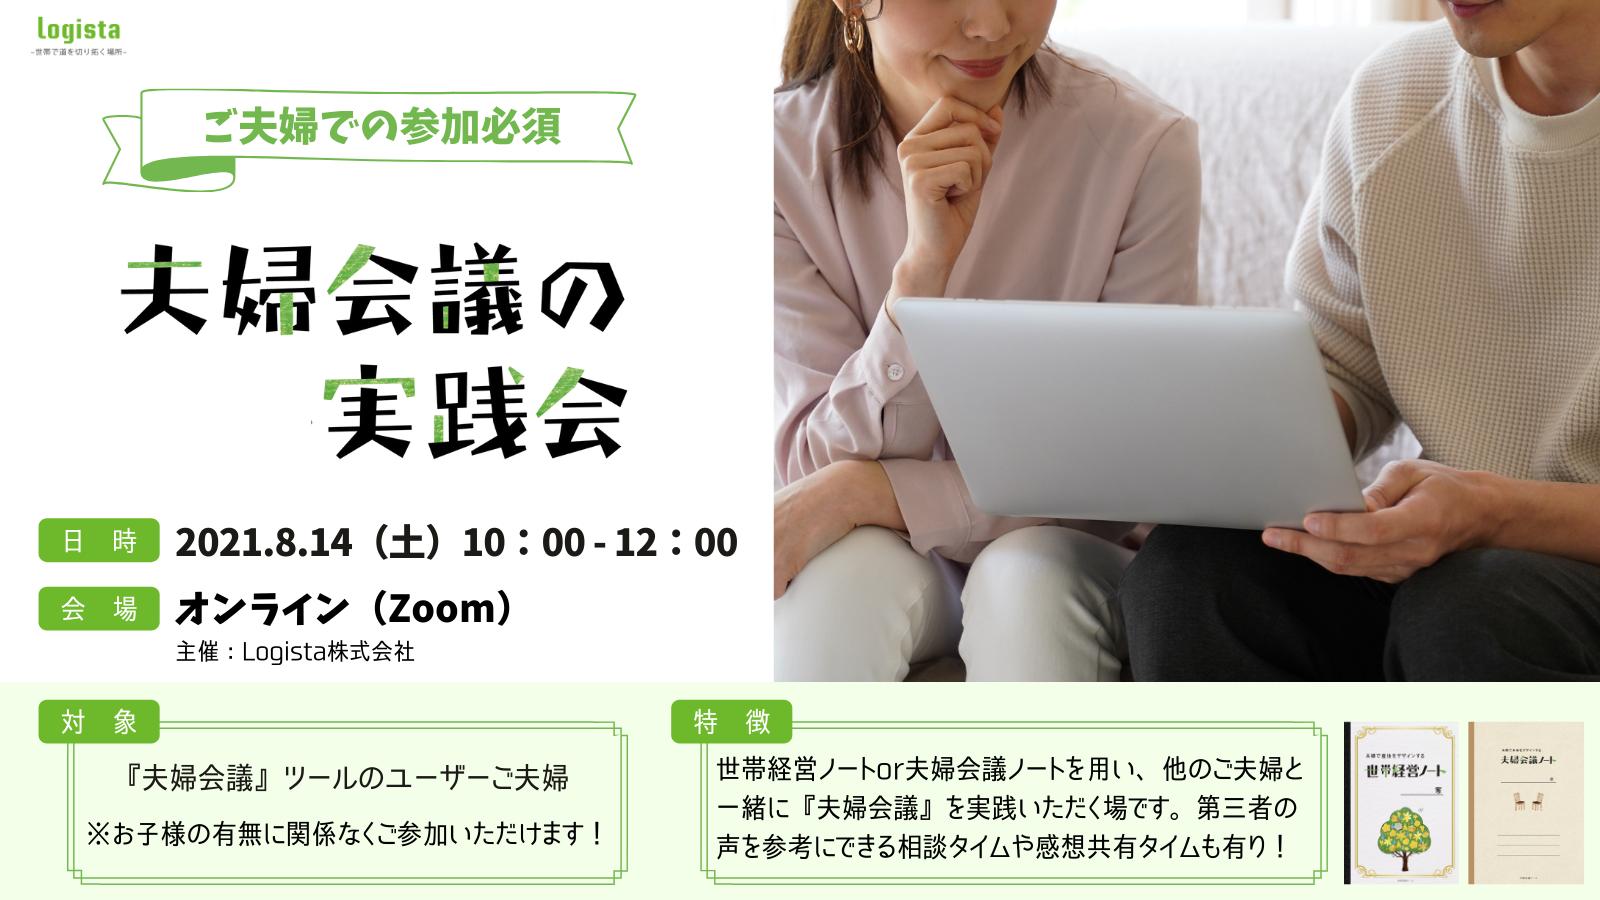 8月『夫婦会議』のイベント情報(無料枠/プレゼント企画有り!)